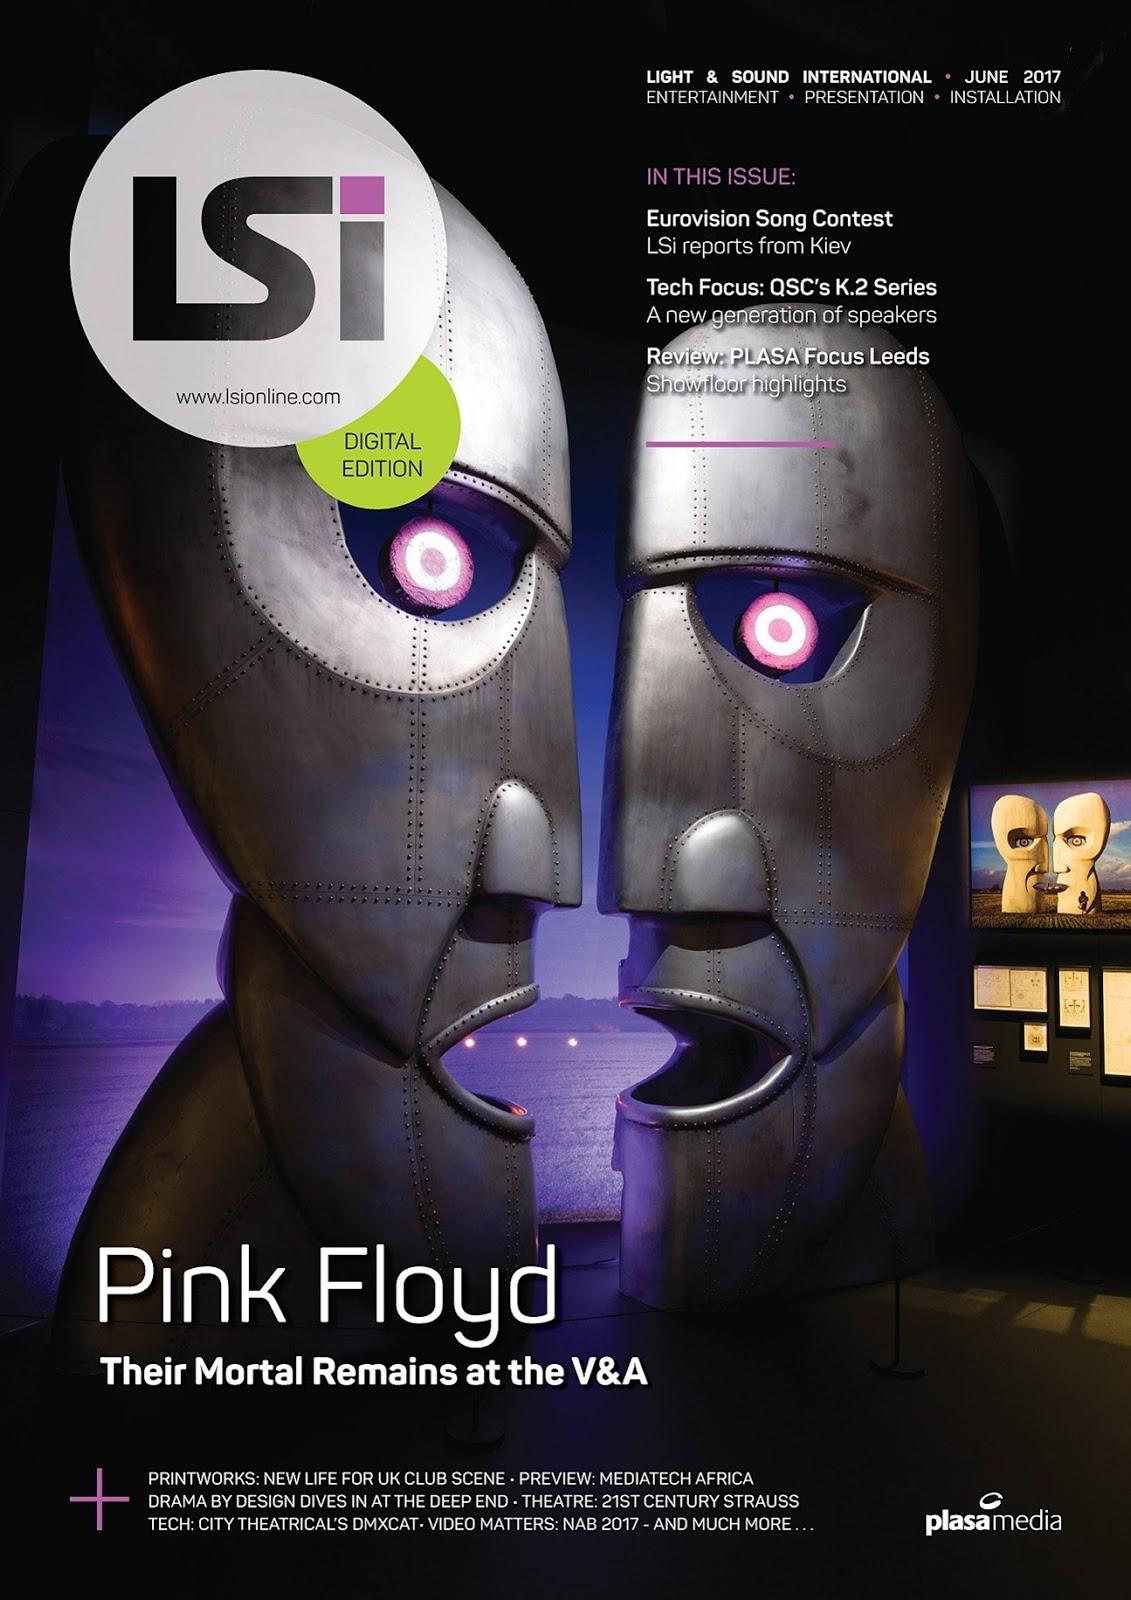 Pink Floyd Ilustrado Pink Floyd Light Sound